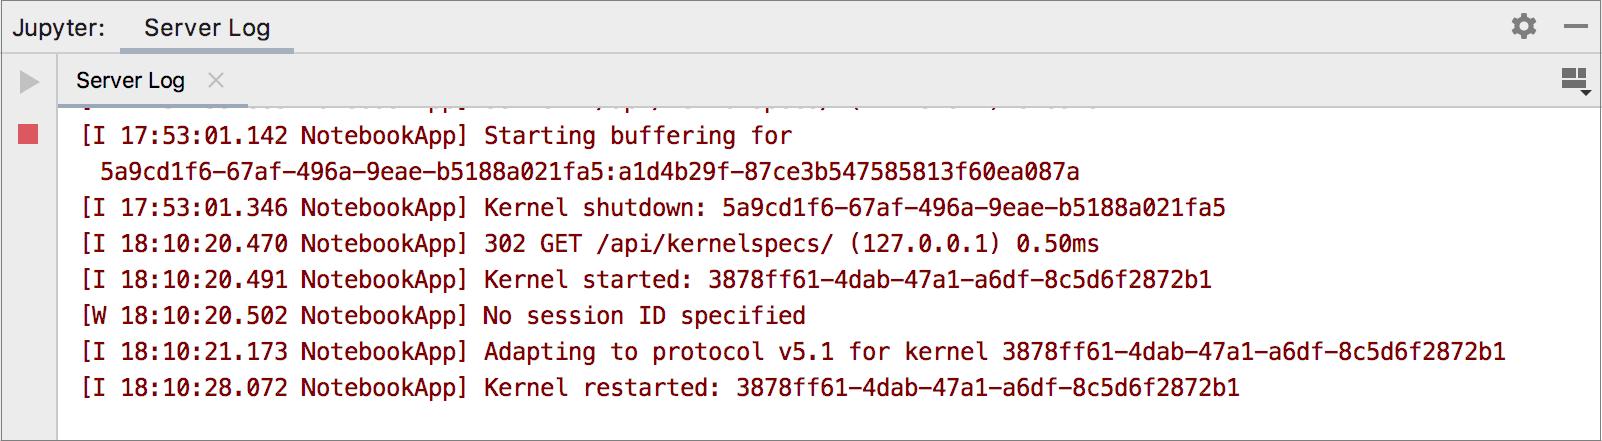 Restarting the current kernel